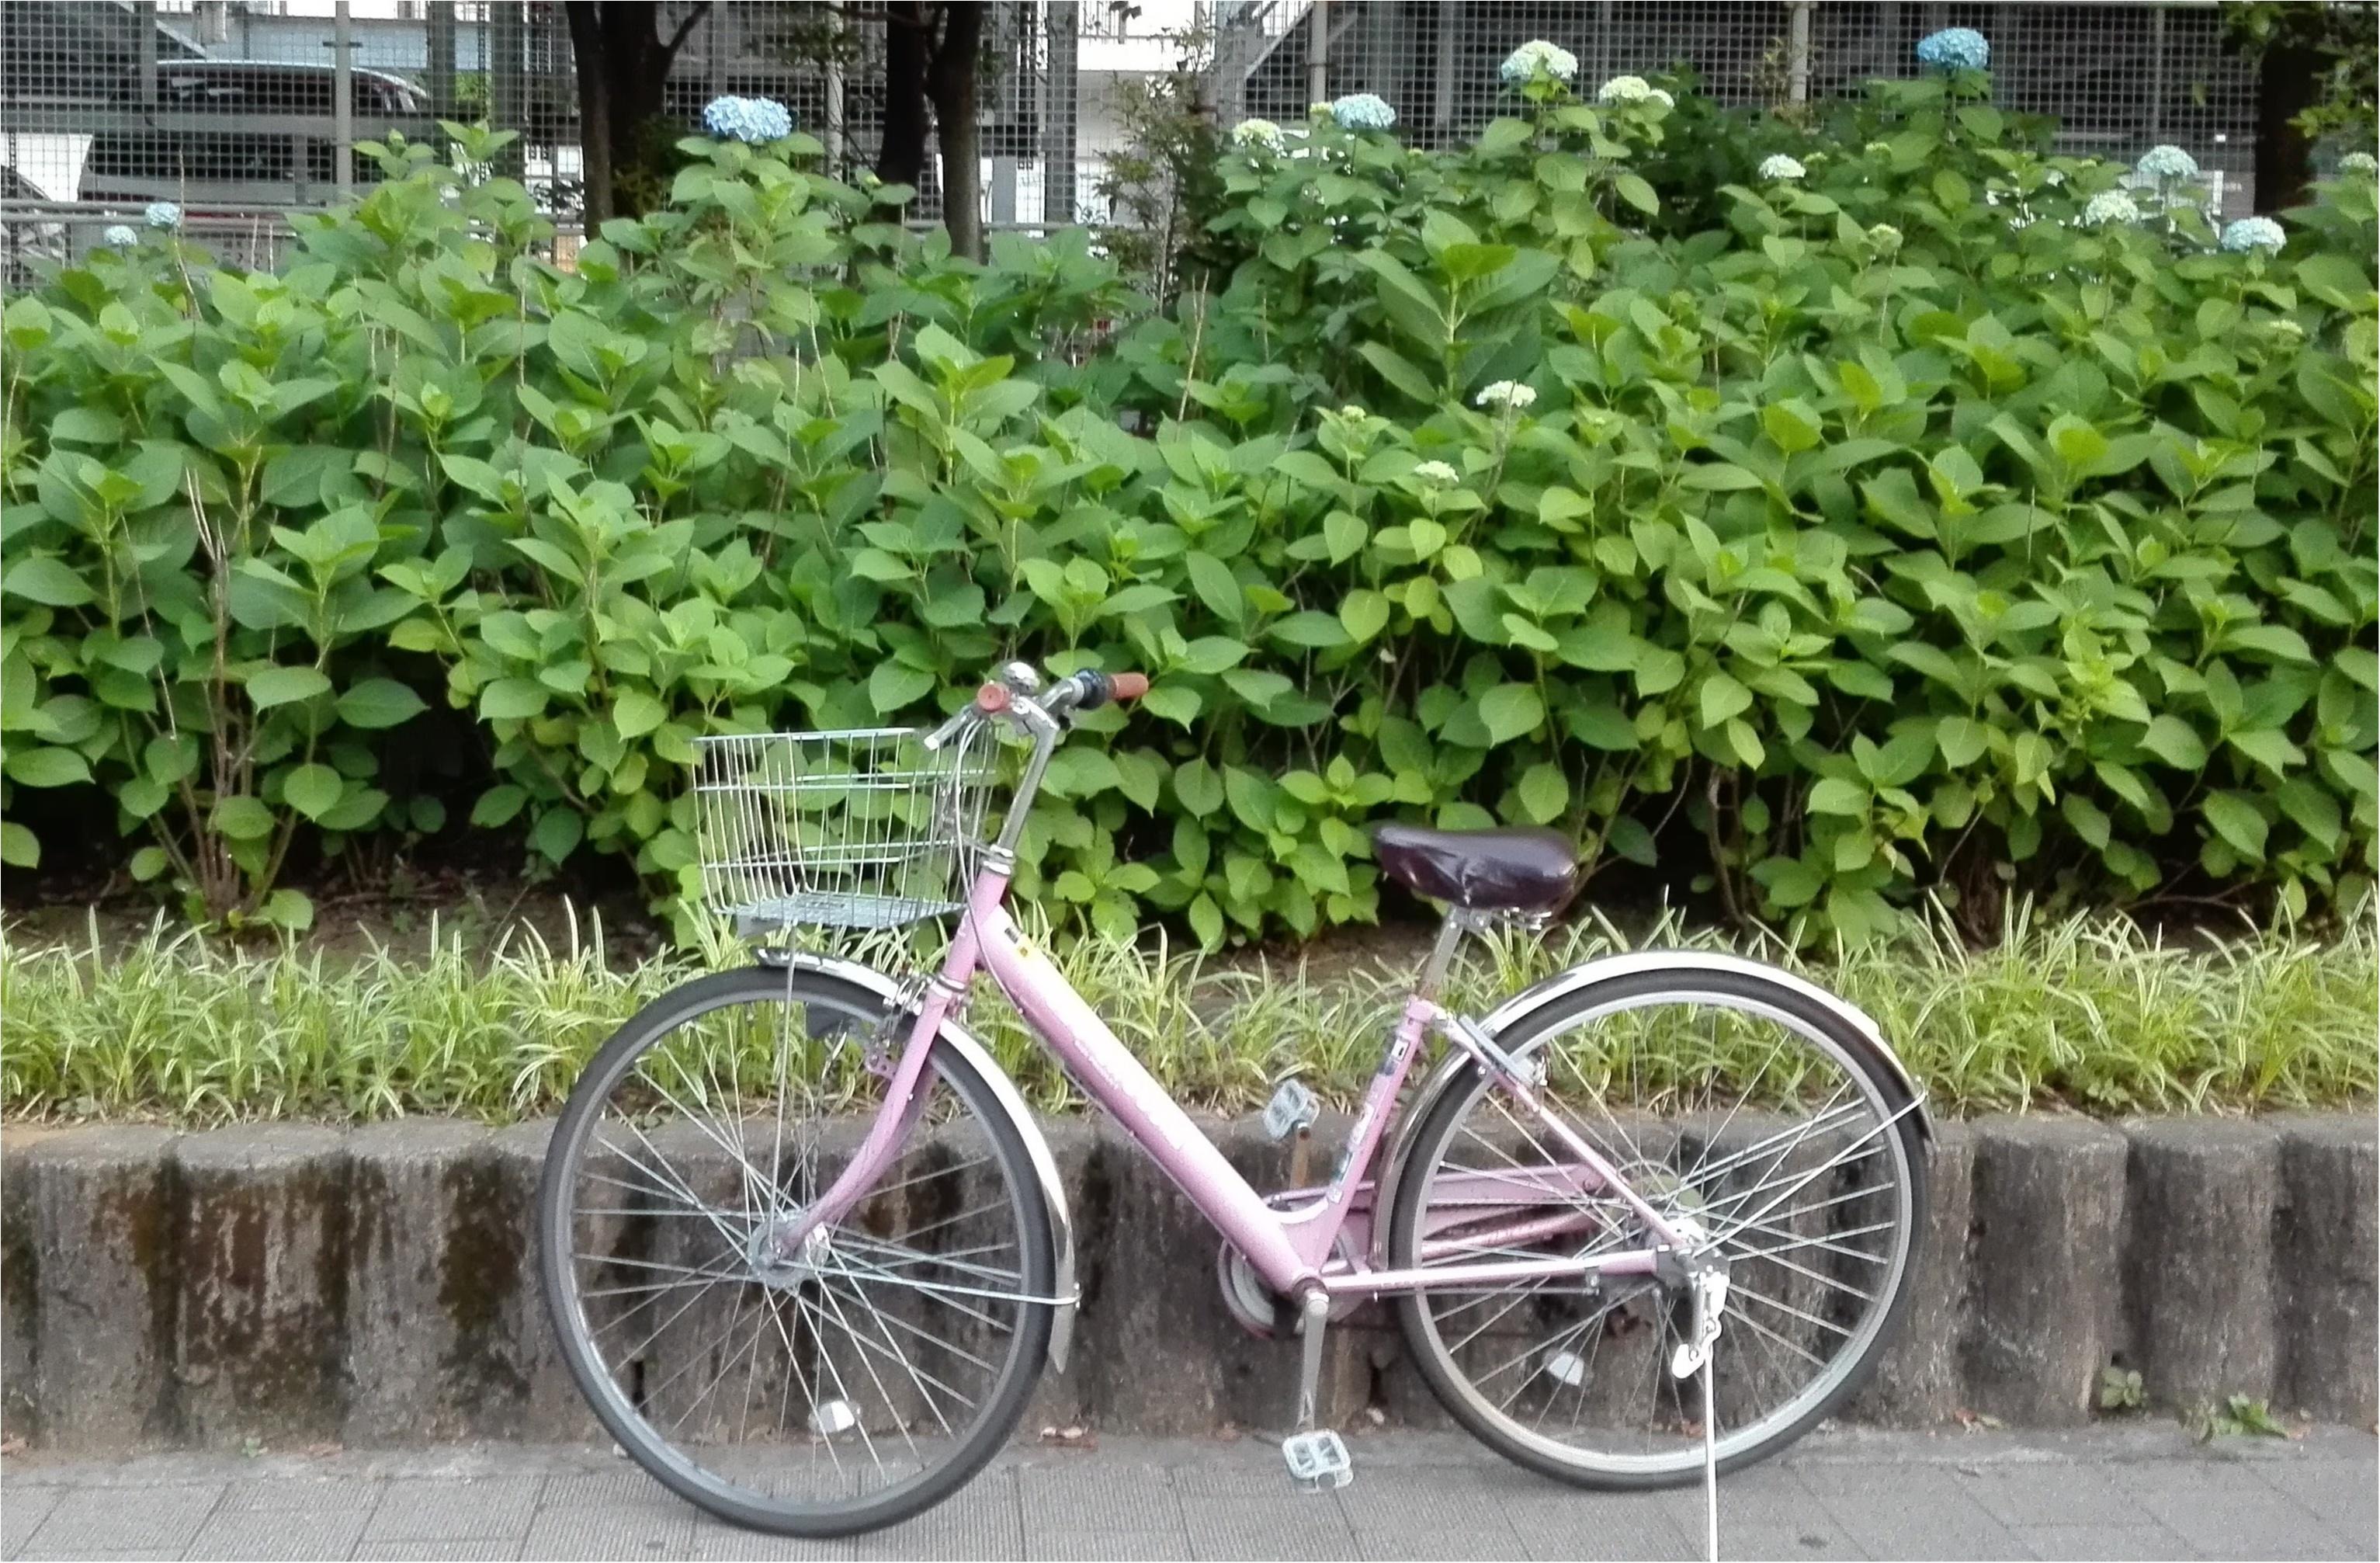 「ツール・ド・東北」に挑戦する私の、普段の自転車ライフ♪  道端で見つけた小さな梅雨【#モアチャレ あかね】_1